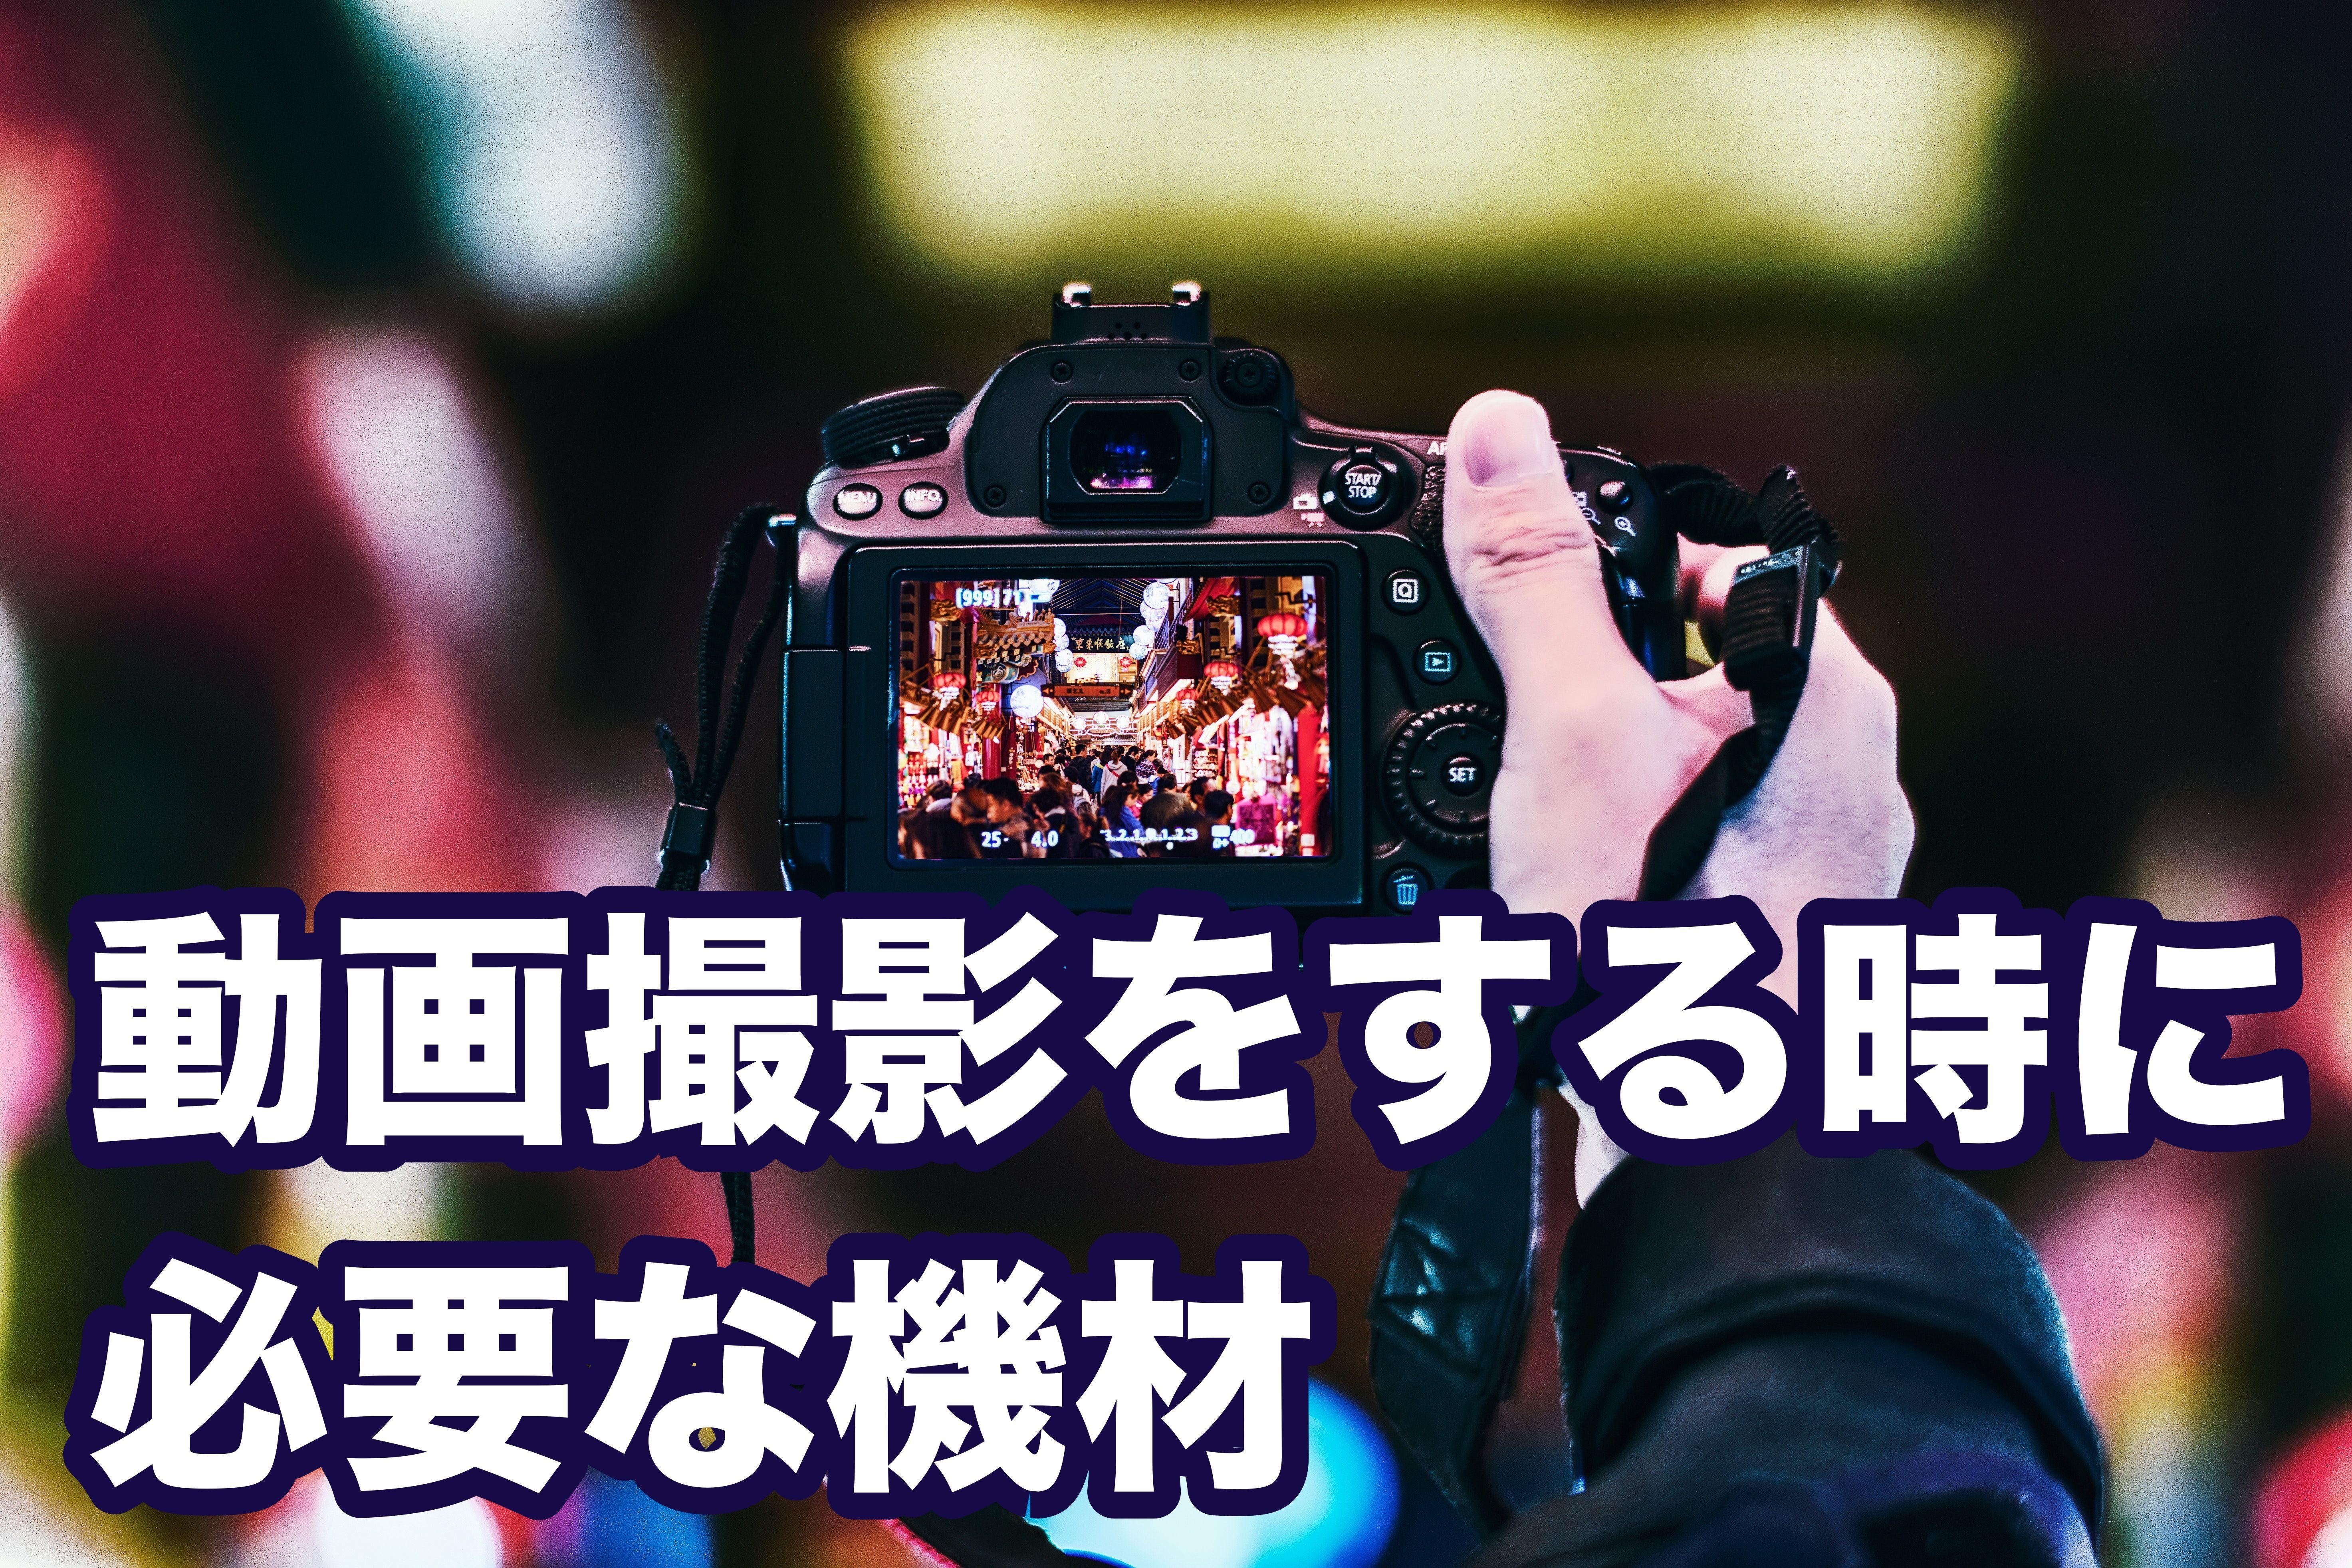 沖縄で動画撮影するために必要な機材